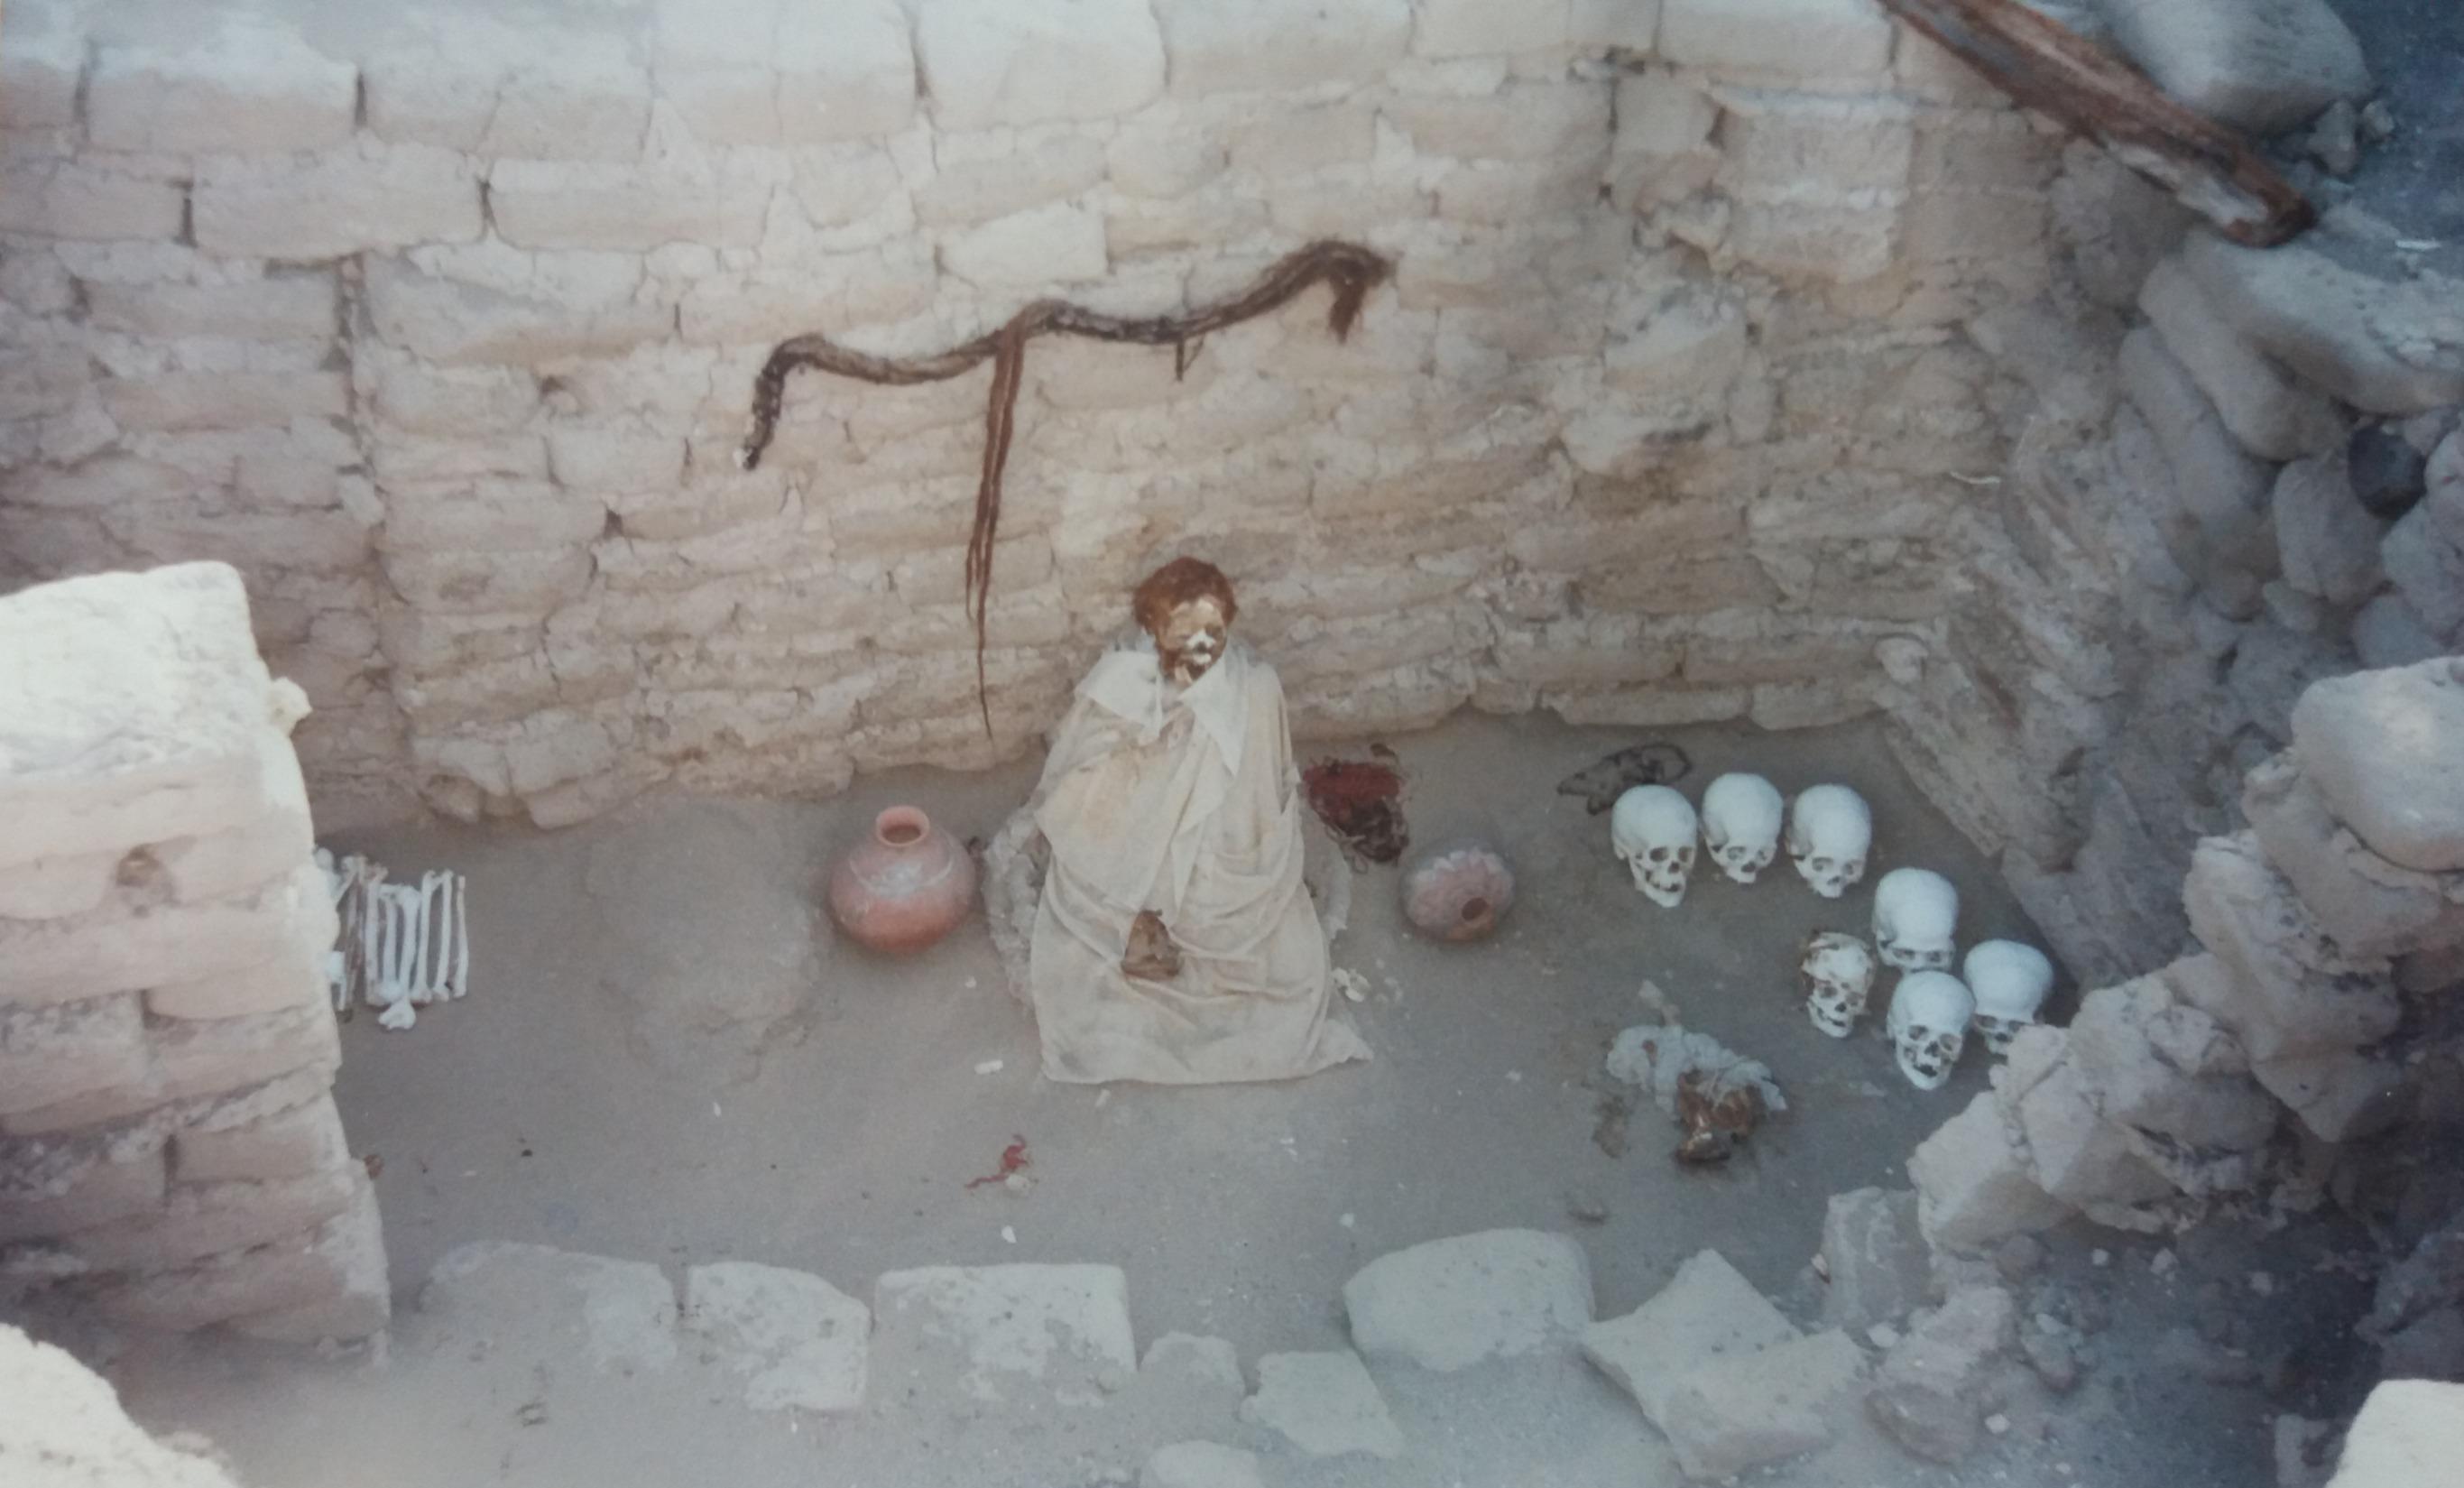 Peru diary - Day 5 - Chauchilla cemetery